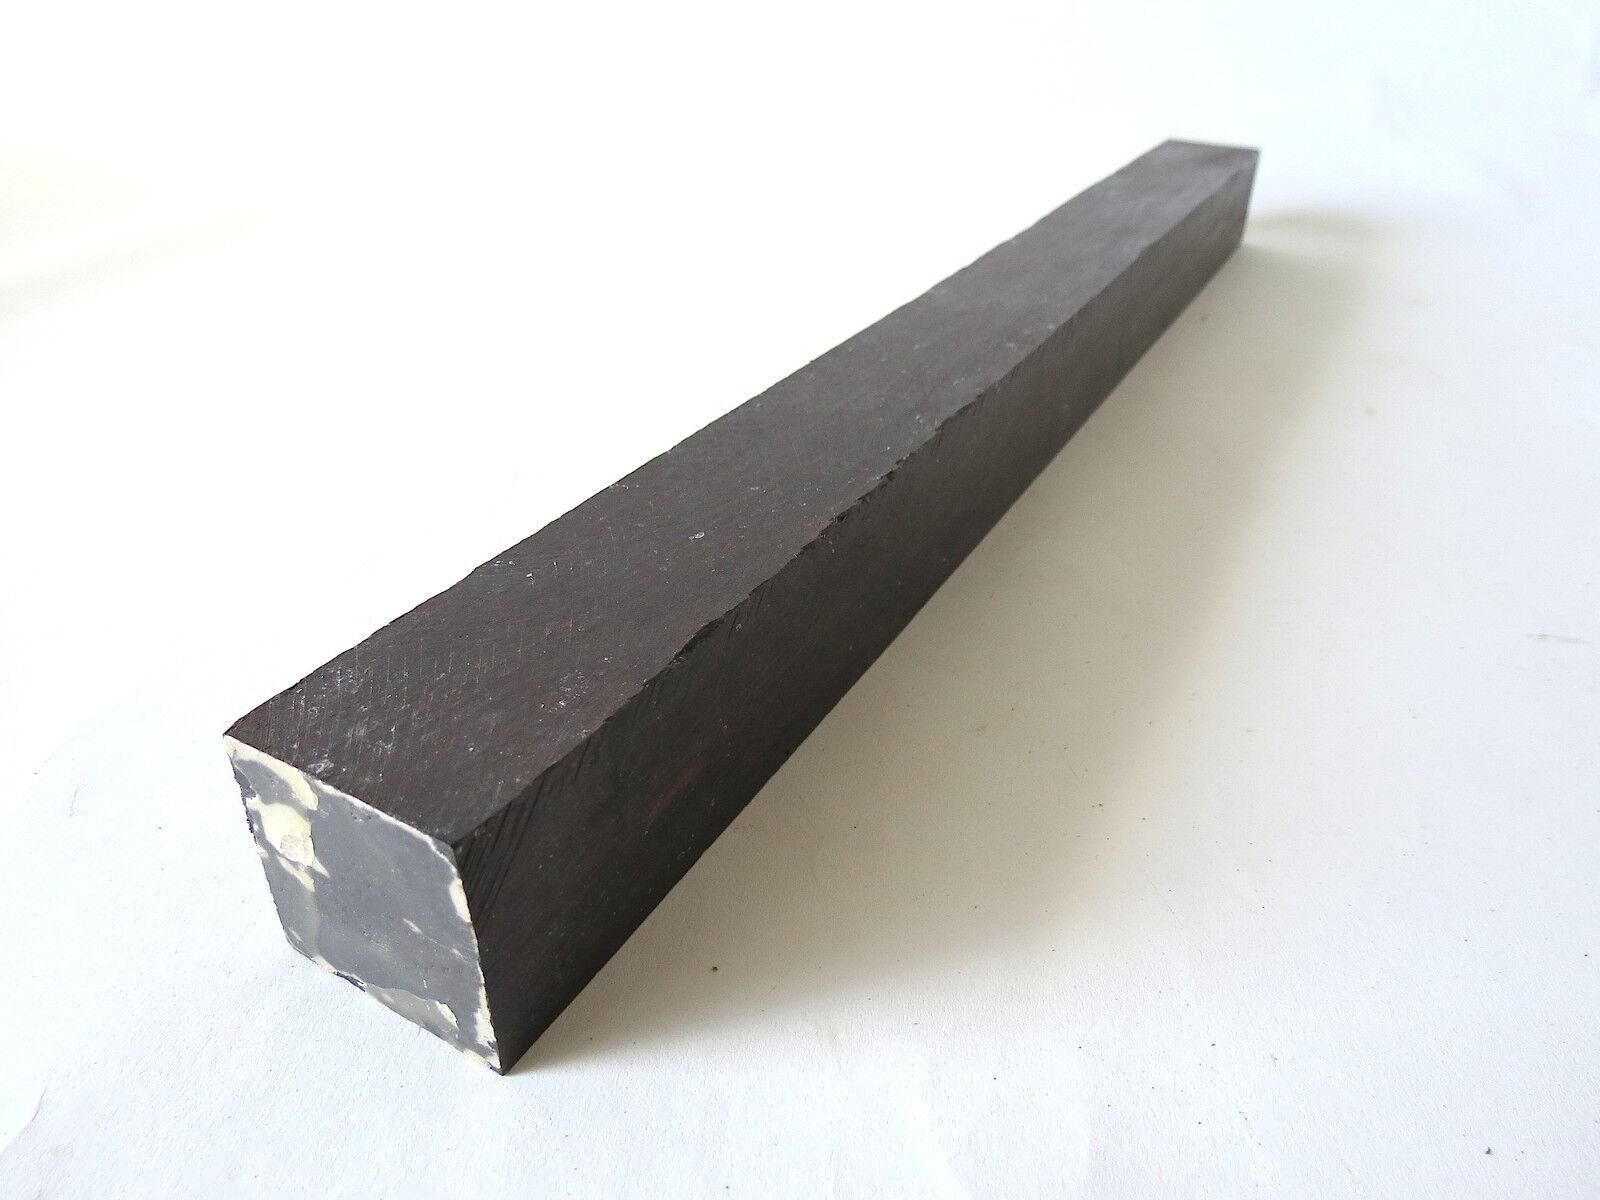 African Blackwood Turning Square Lathe Blank Exotic Wood 1-1/8 x 1-1/8 x 19